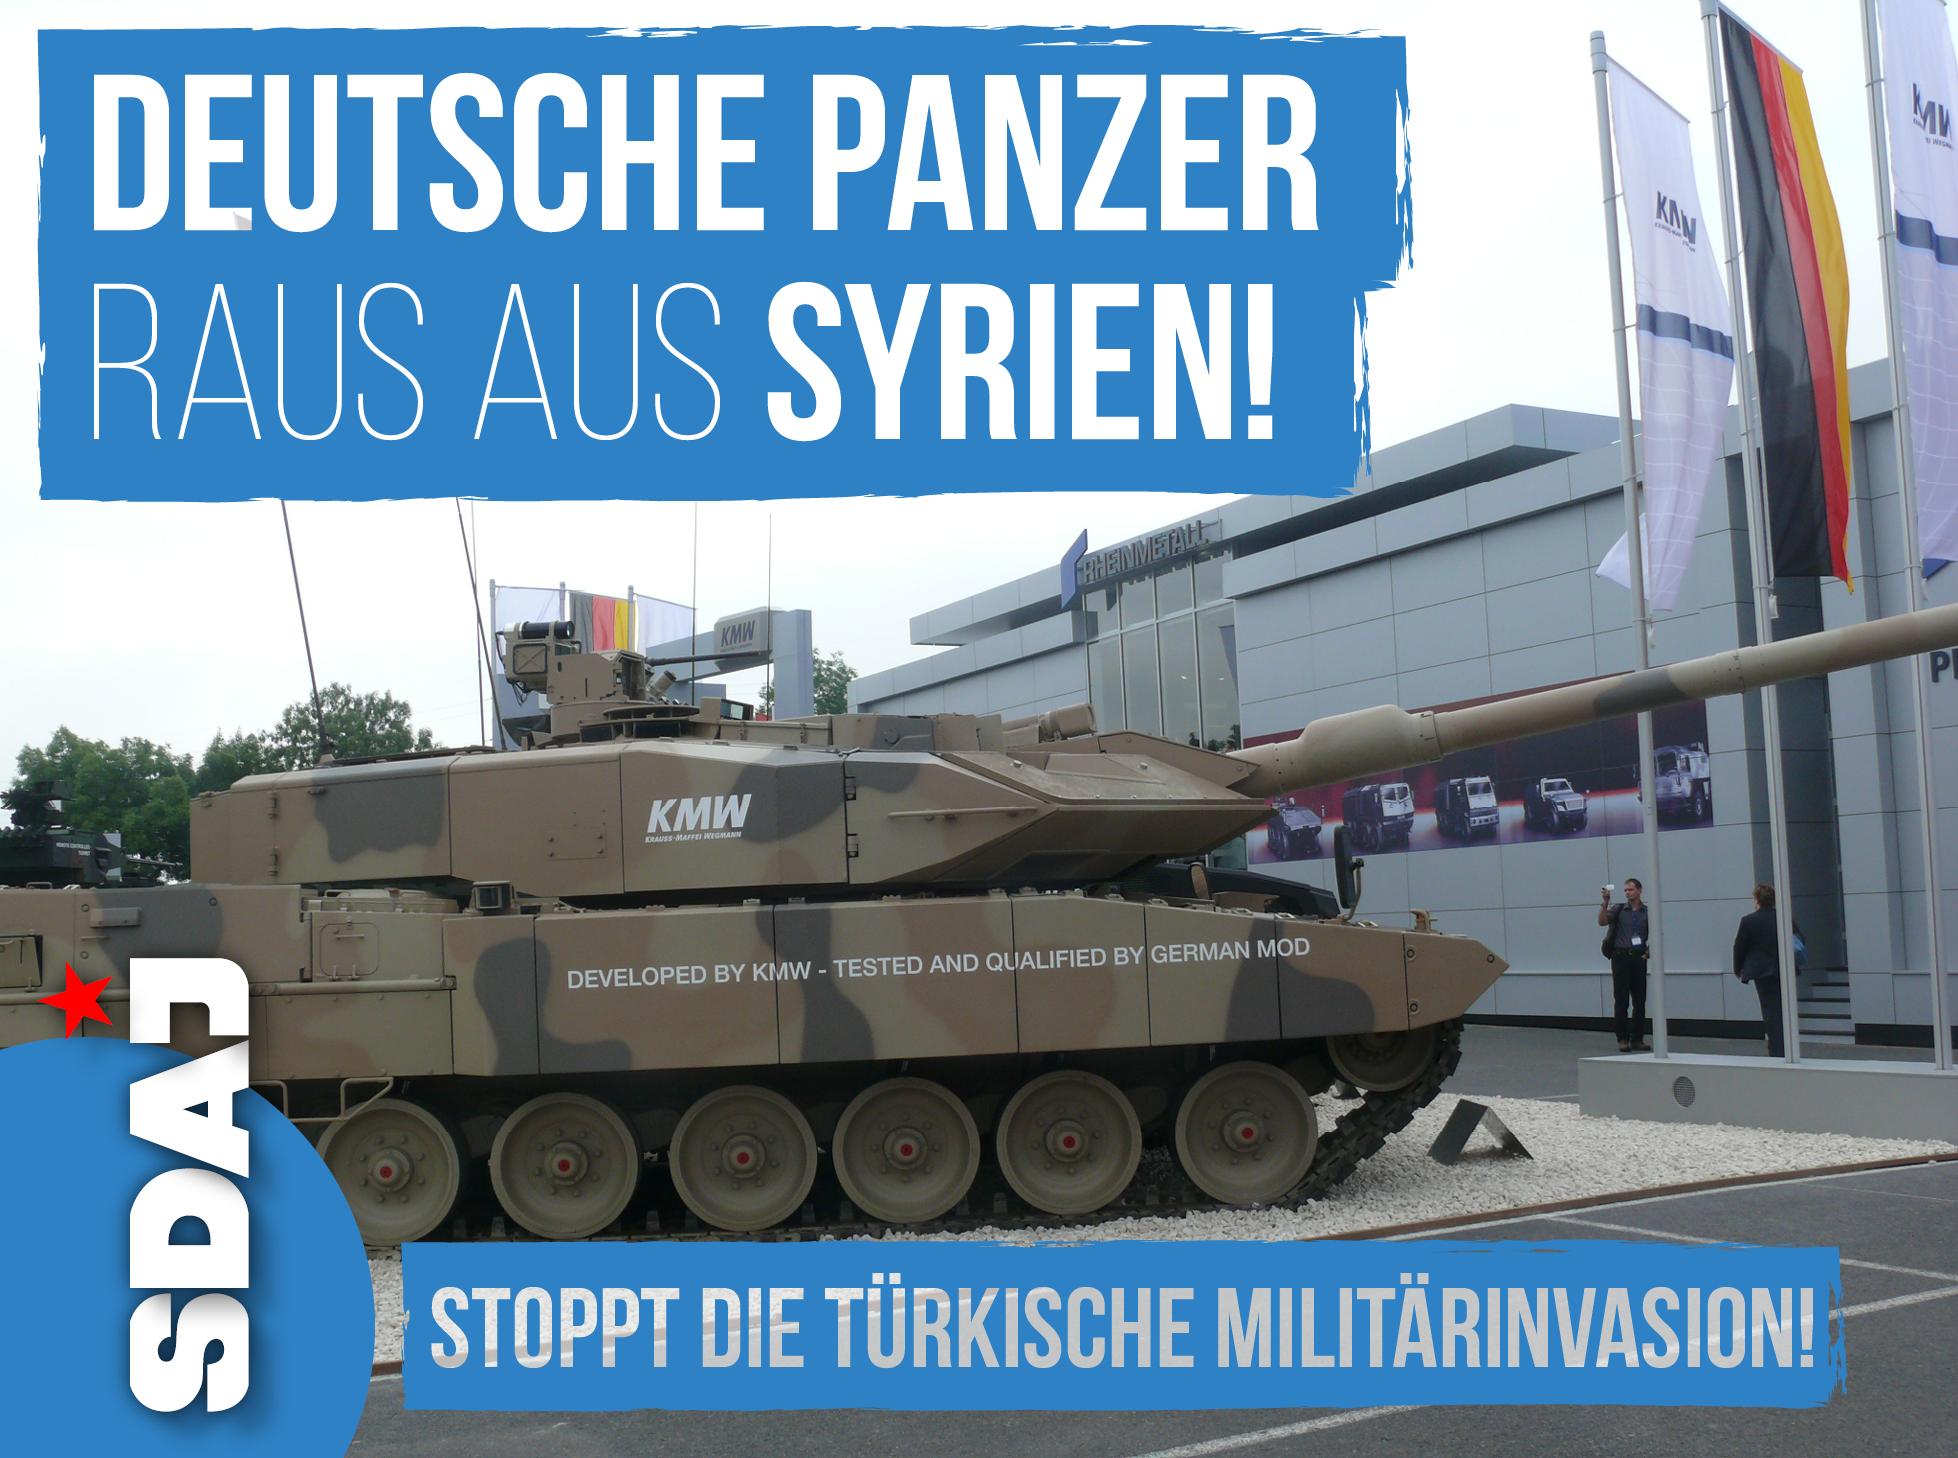 Frieden für Syrien! Türkische Militärinvasion stoppen!